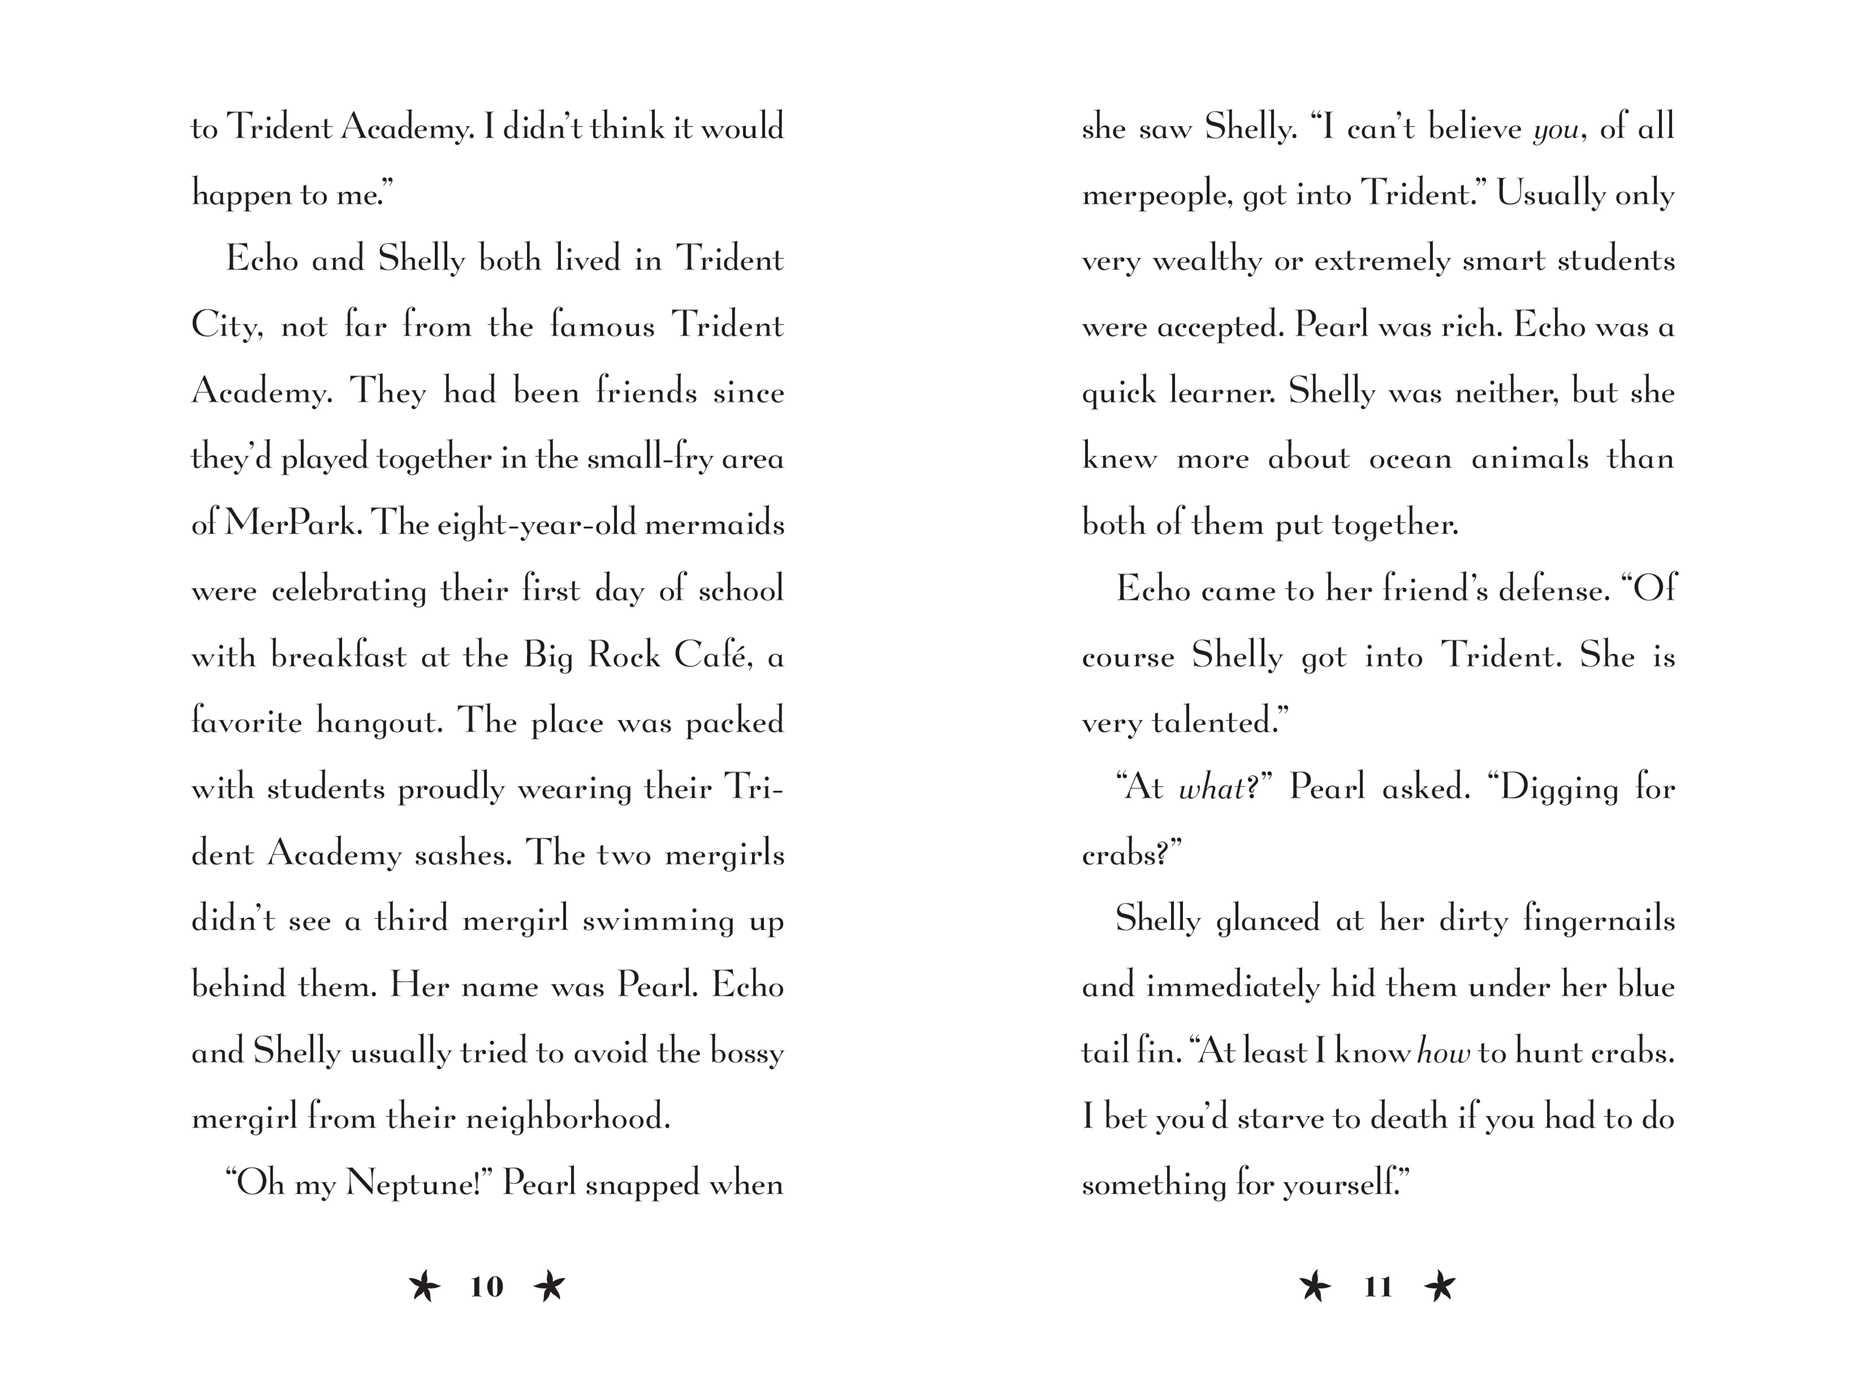 Mermaid tales 4 books in 1 9781481475921.in03